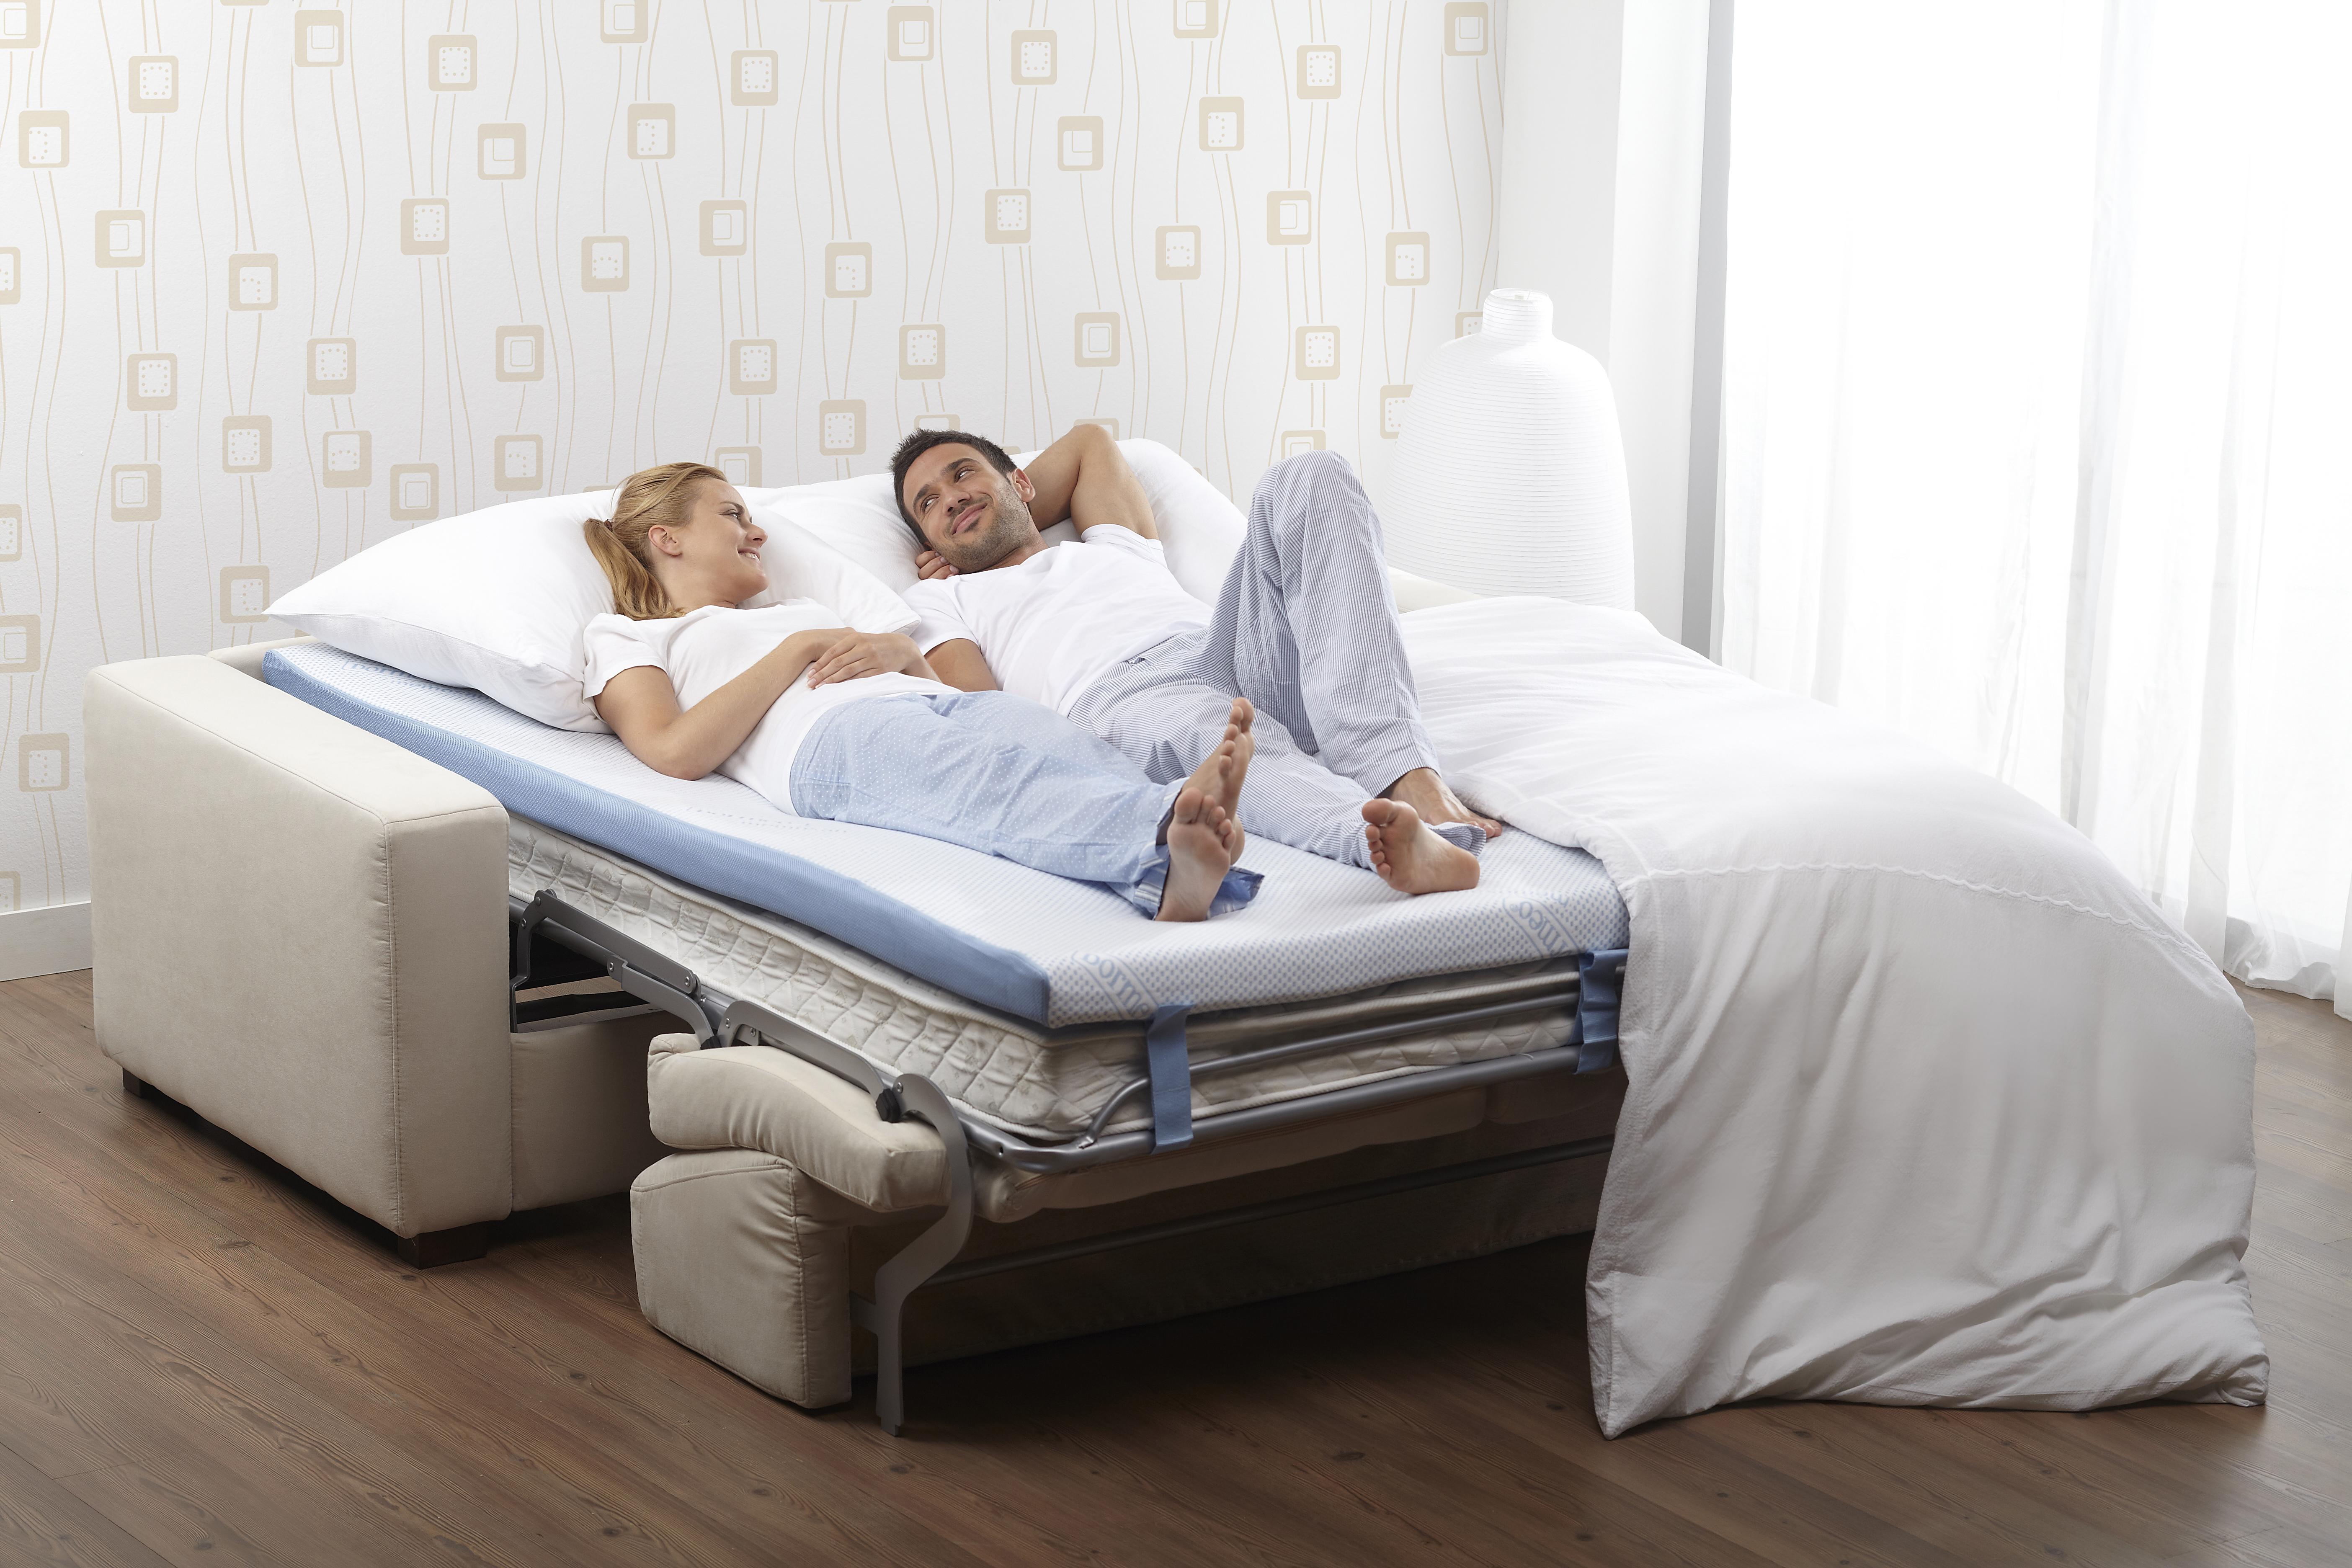 Как да спиш по-добре, когато си на квартира?